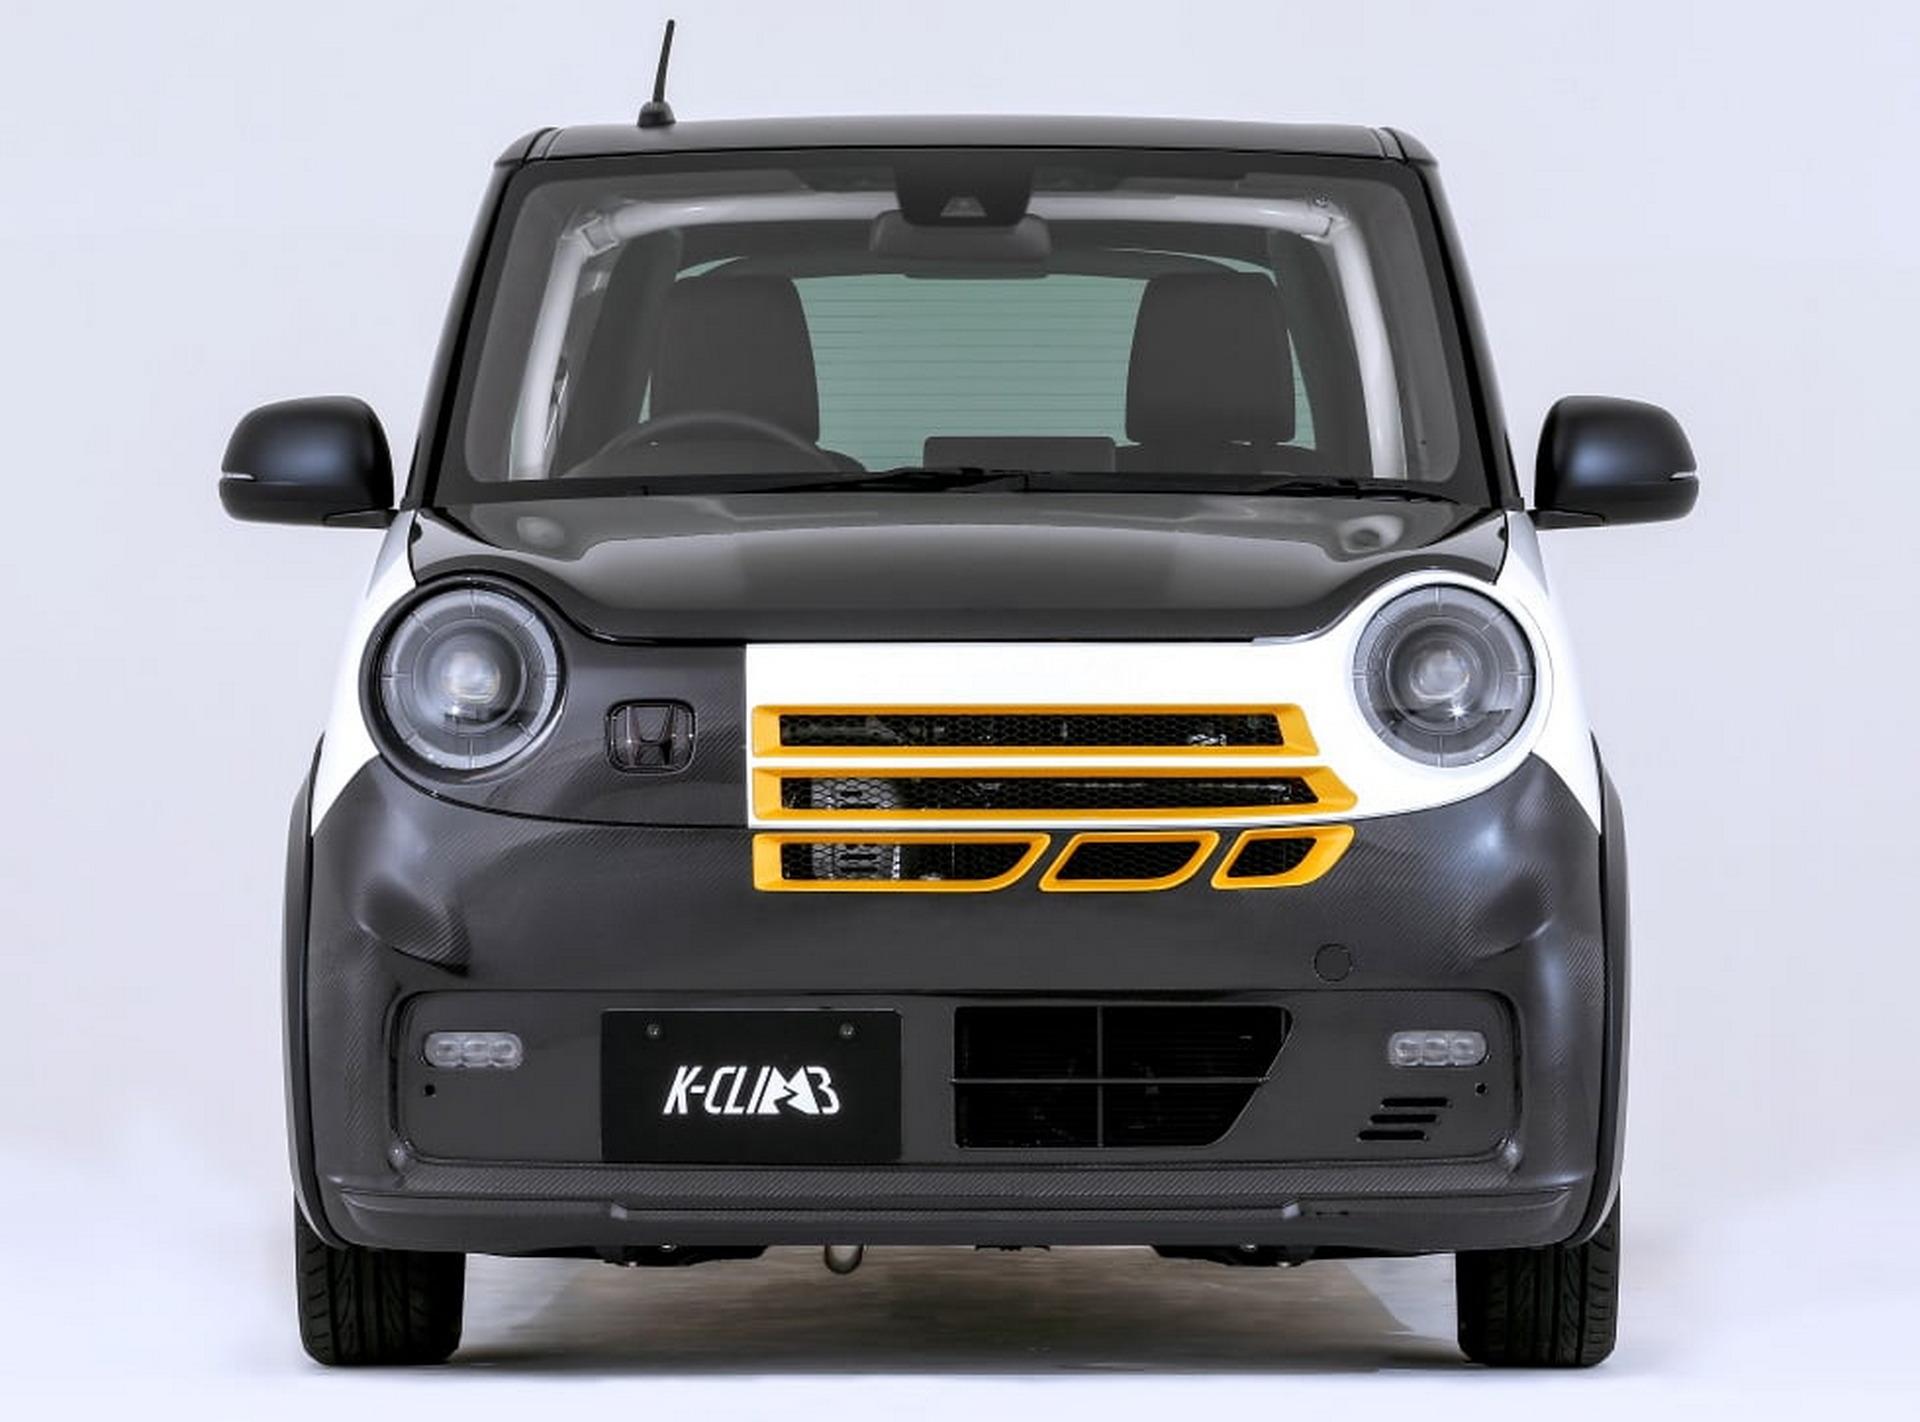 Honda-N-One-K-Climb-5